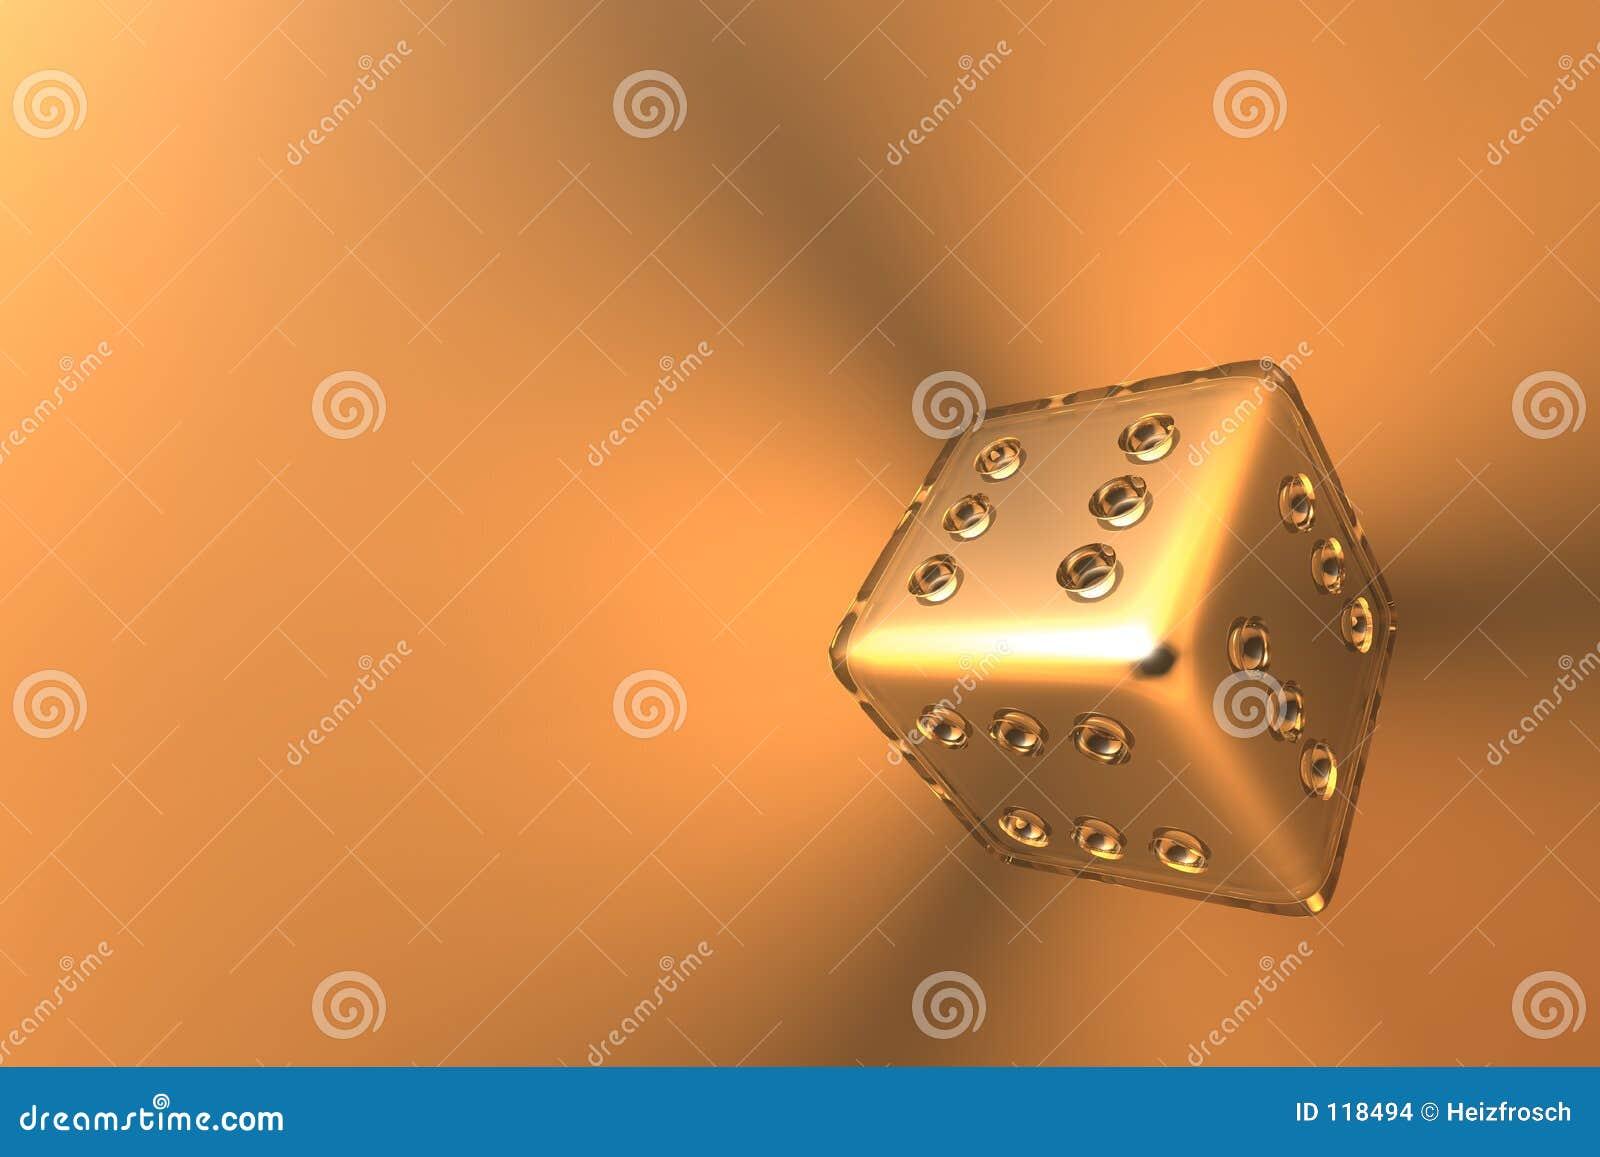 3 χωρίζουν σε τετράγωνα το νικητή του s